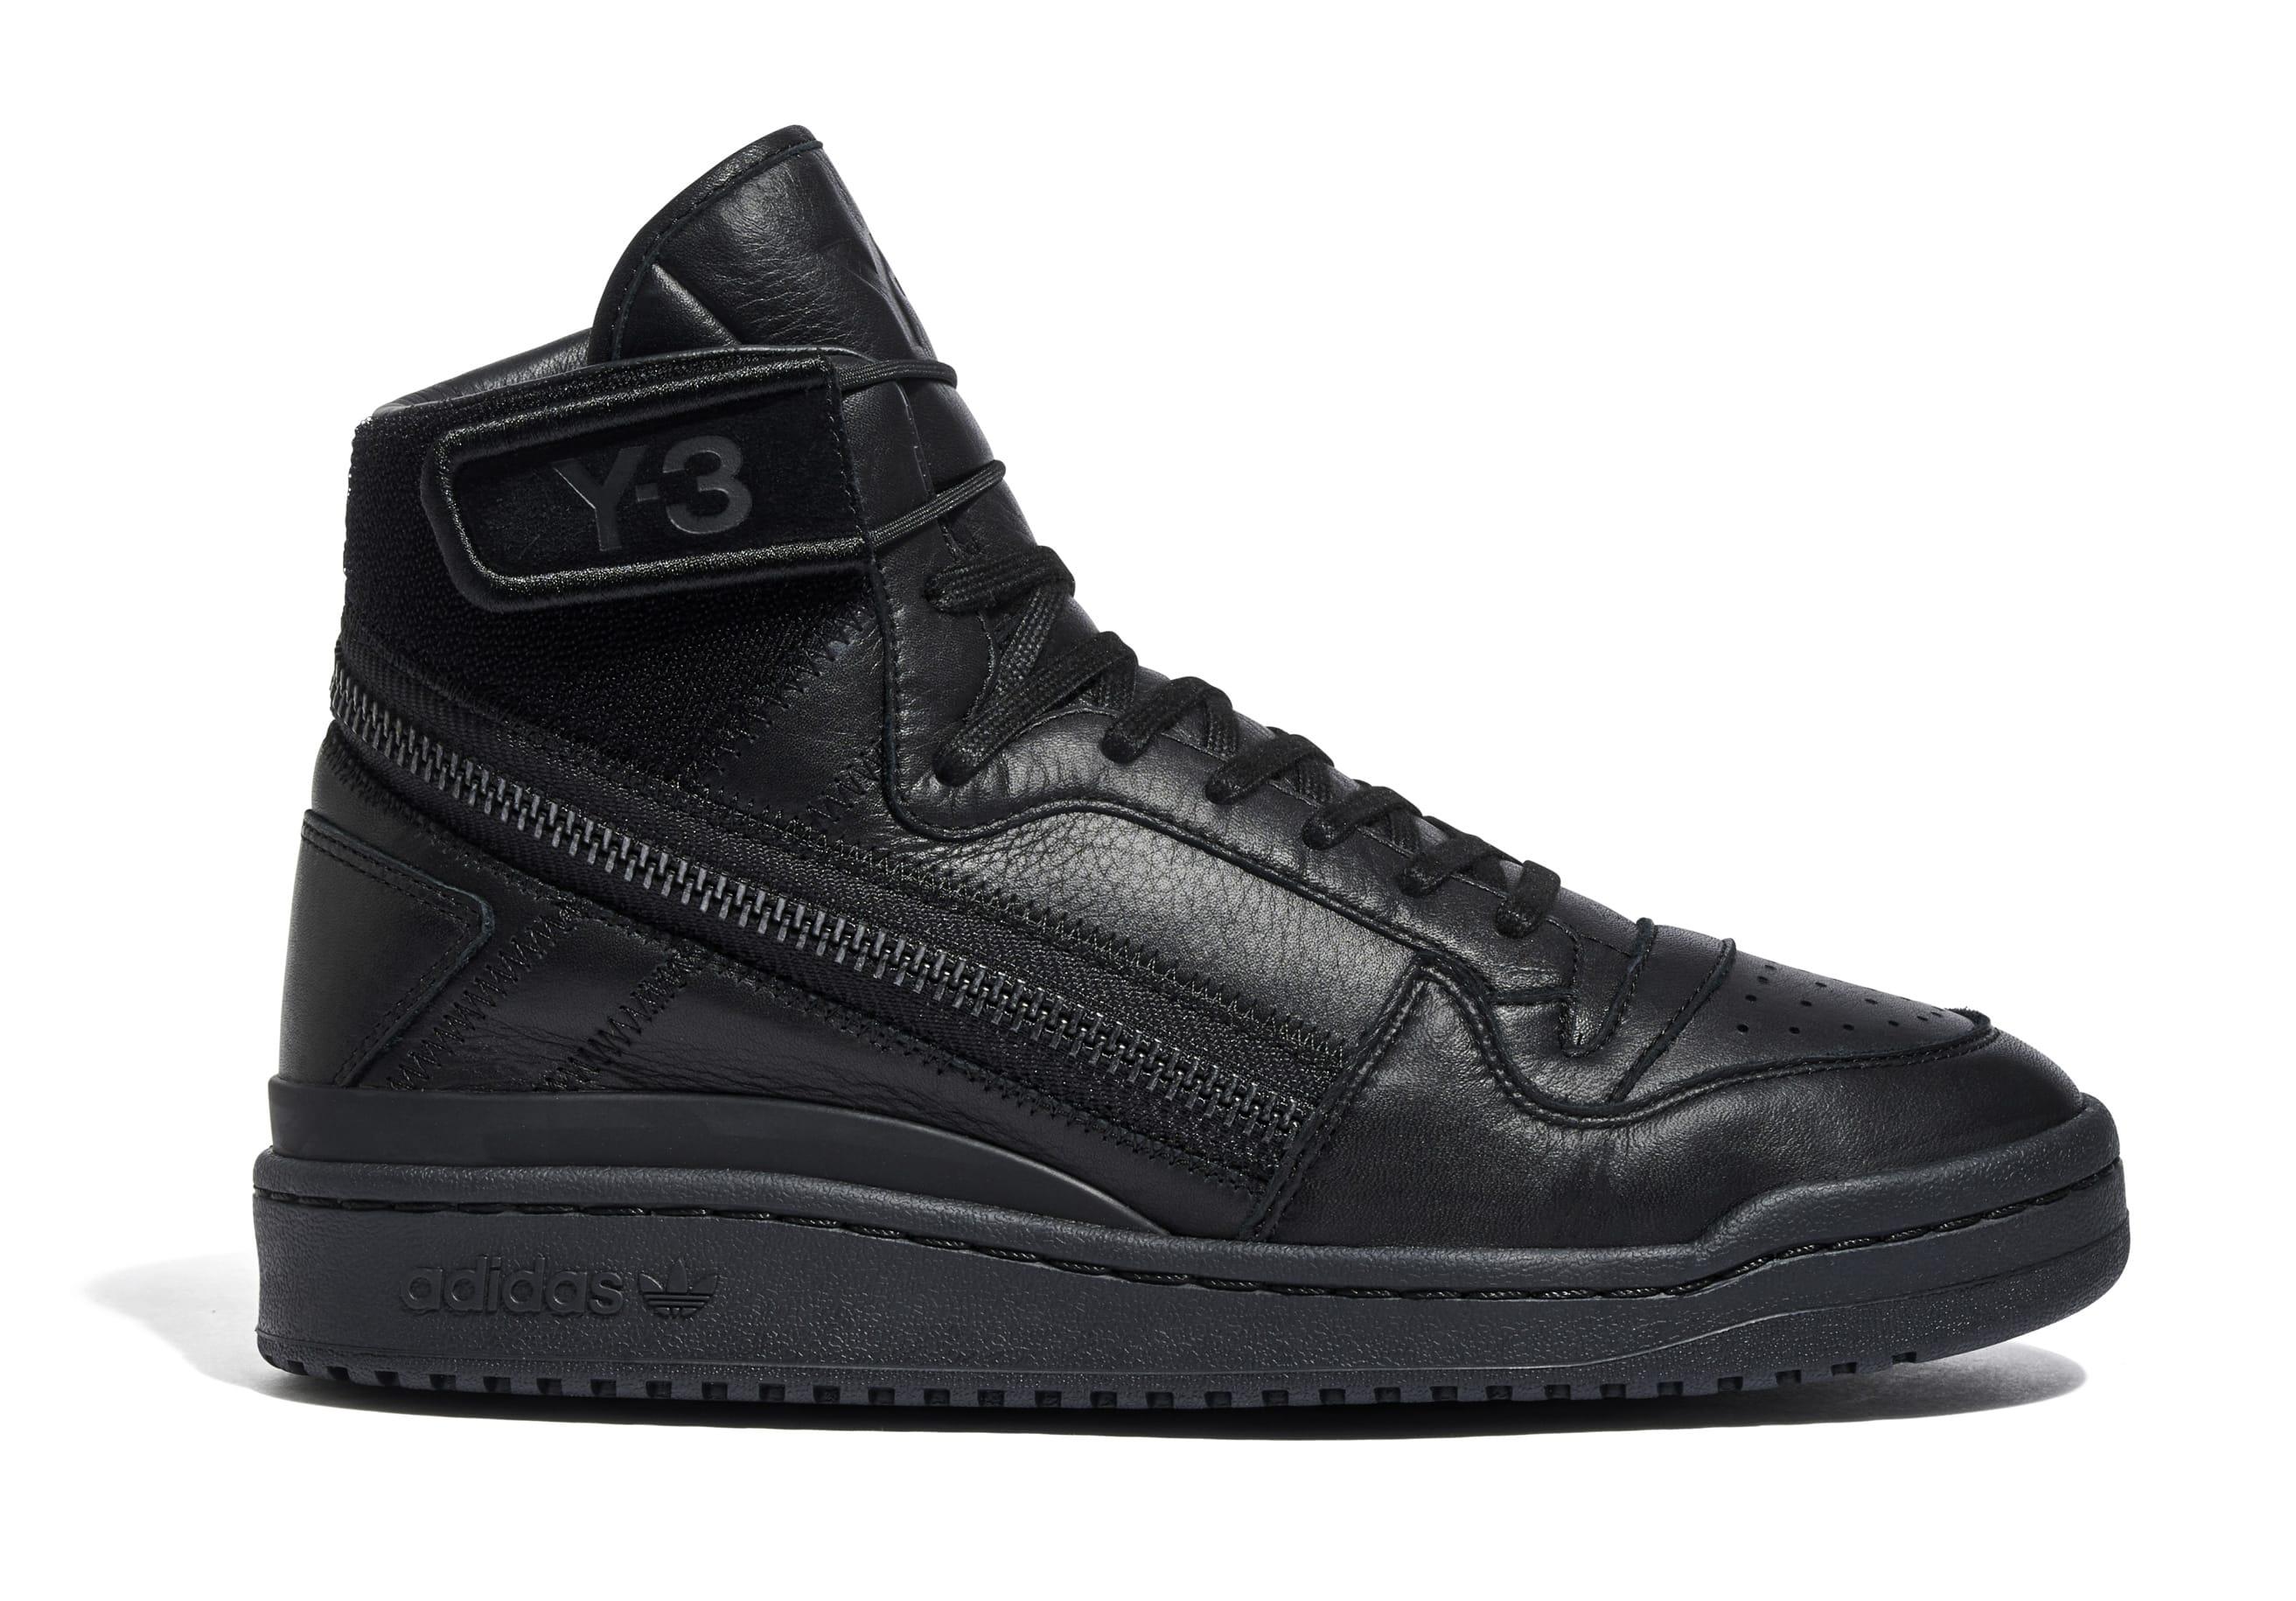 Adidas Y-3 Forum Hi OG GZ8795 Lateral